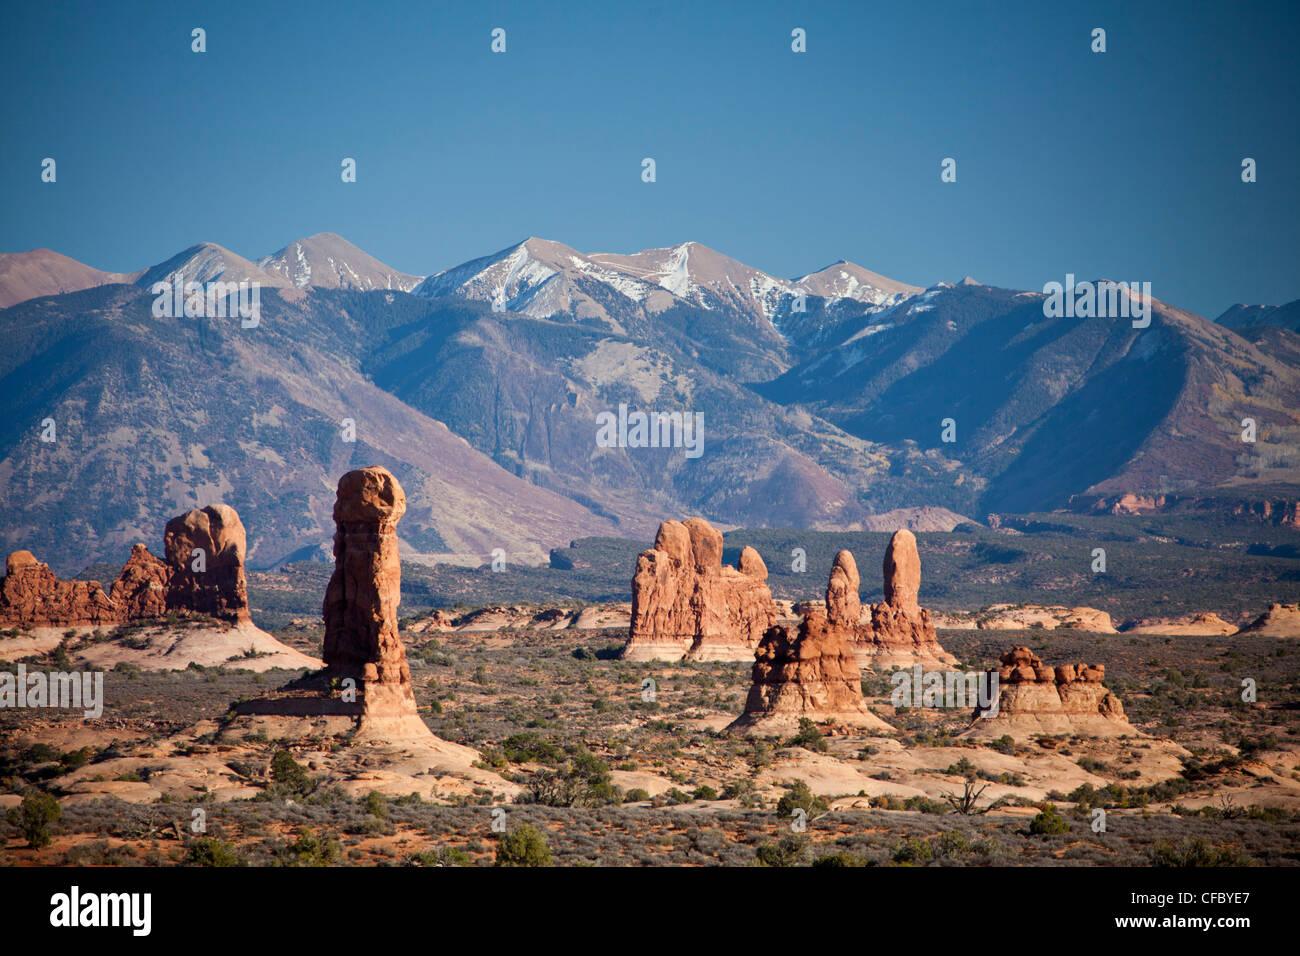 Stati Uniti d'America, Stati Uniti, America, Utah, archi, Parco Nazionale, La Sal, montagne, avventura, secco, Immagini Stock